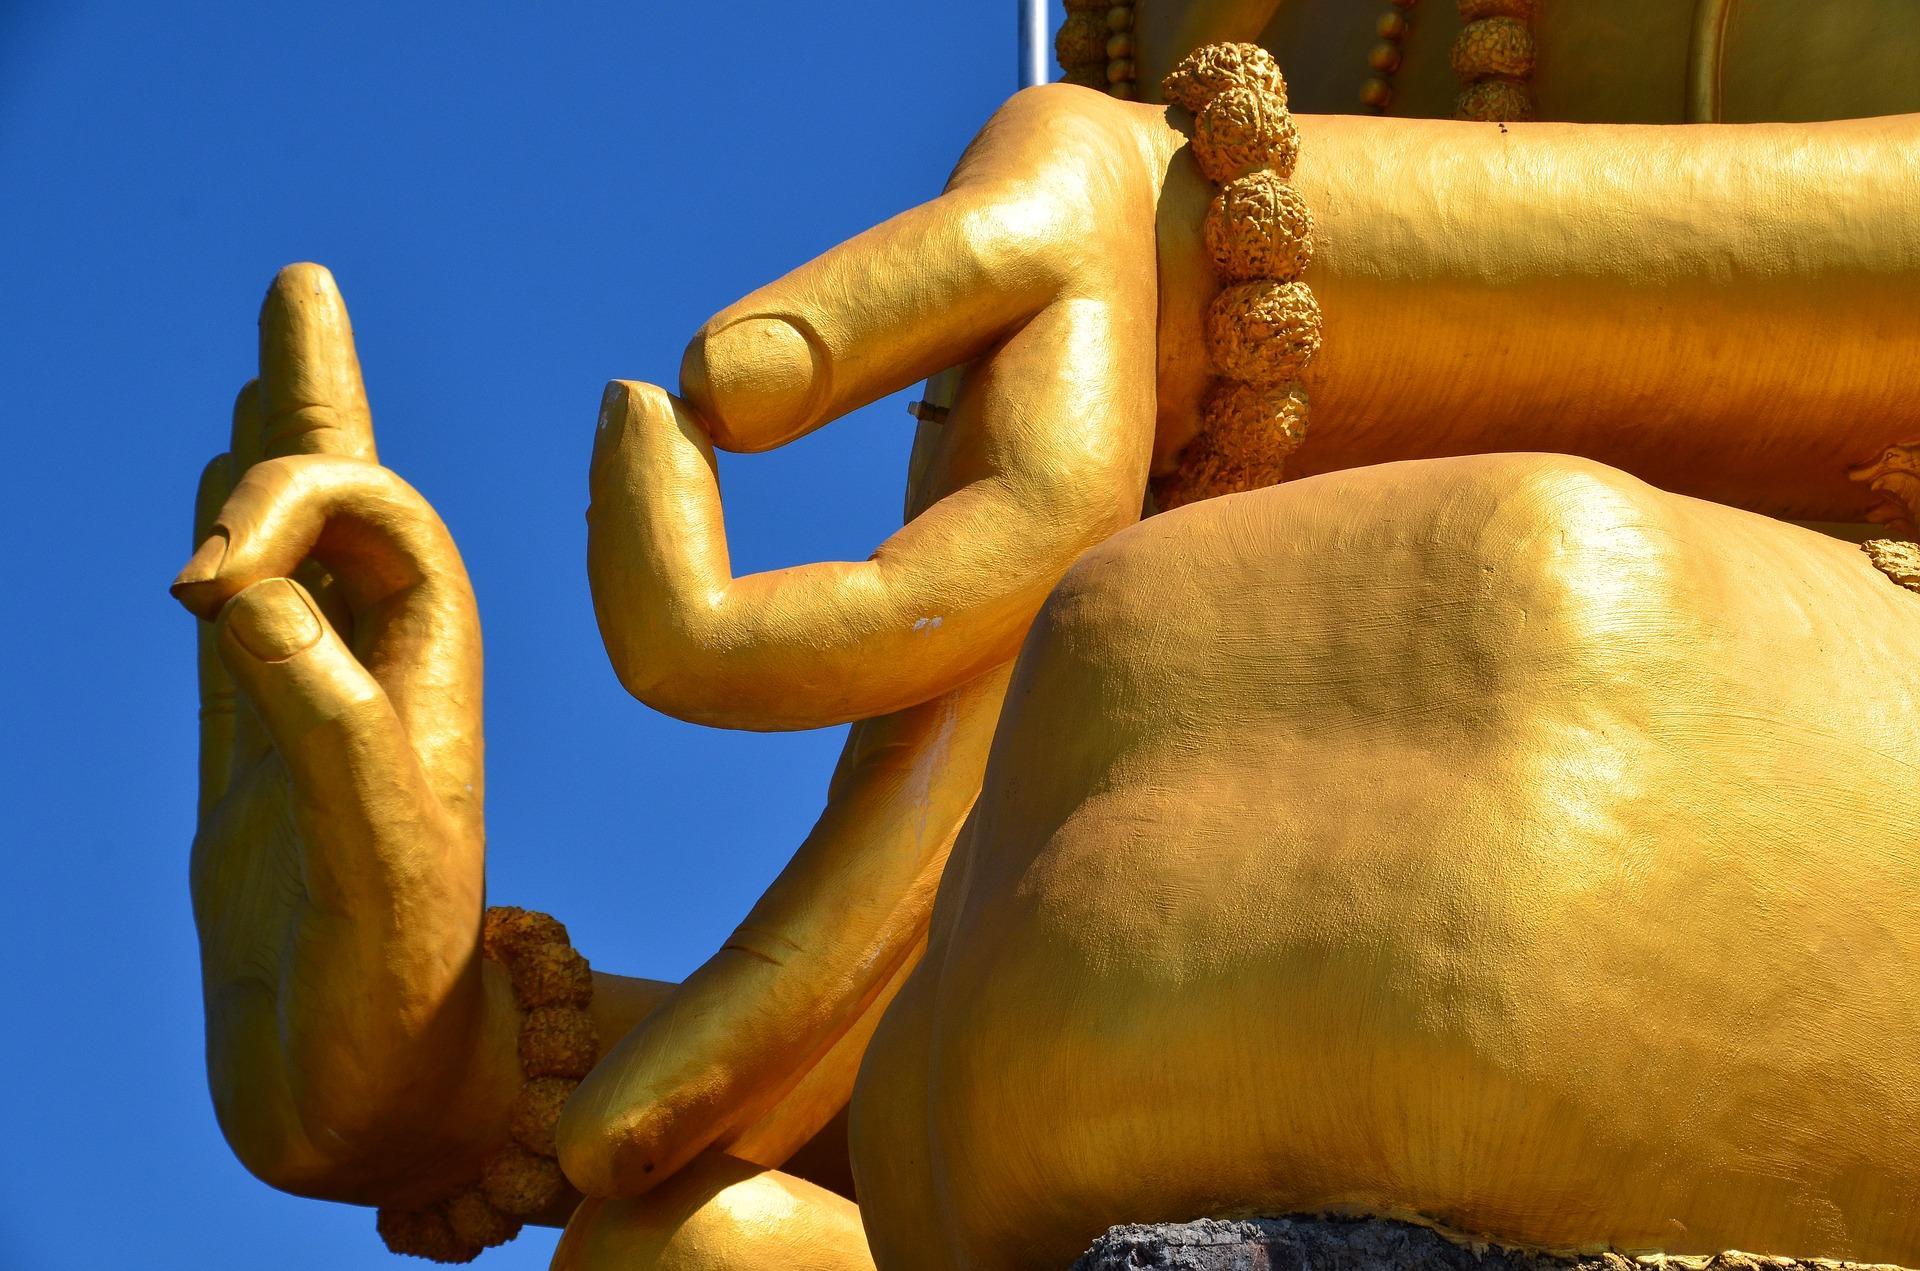 Mudra's, handgebaren van Boeddha en betekenis handen Boeddha